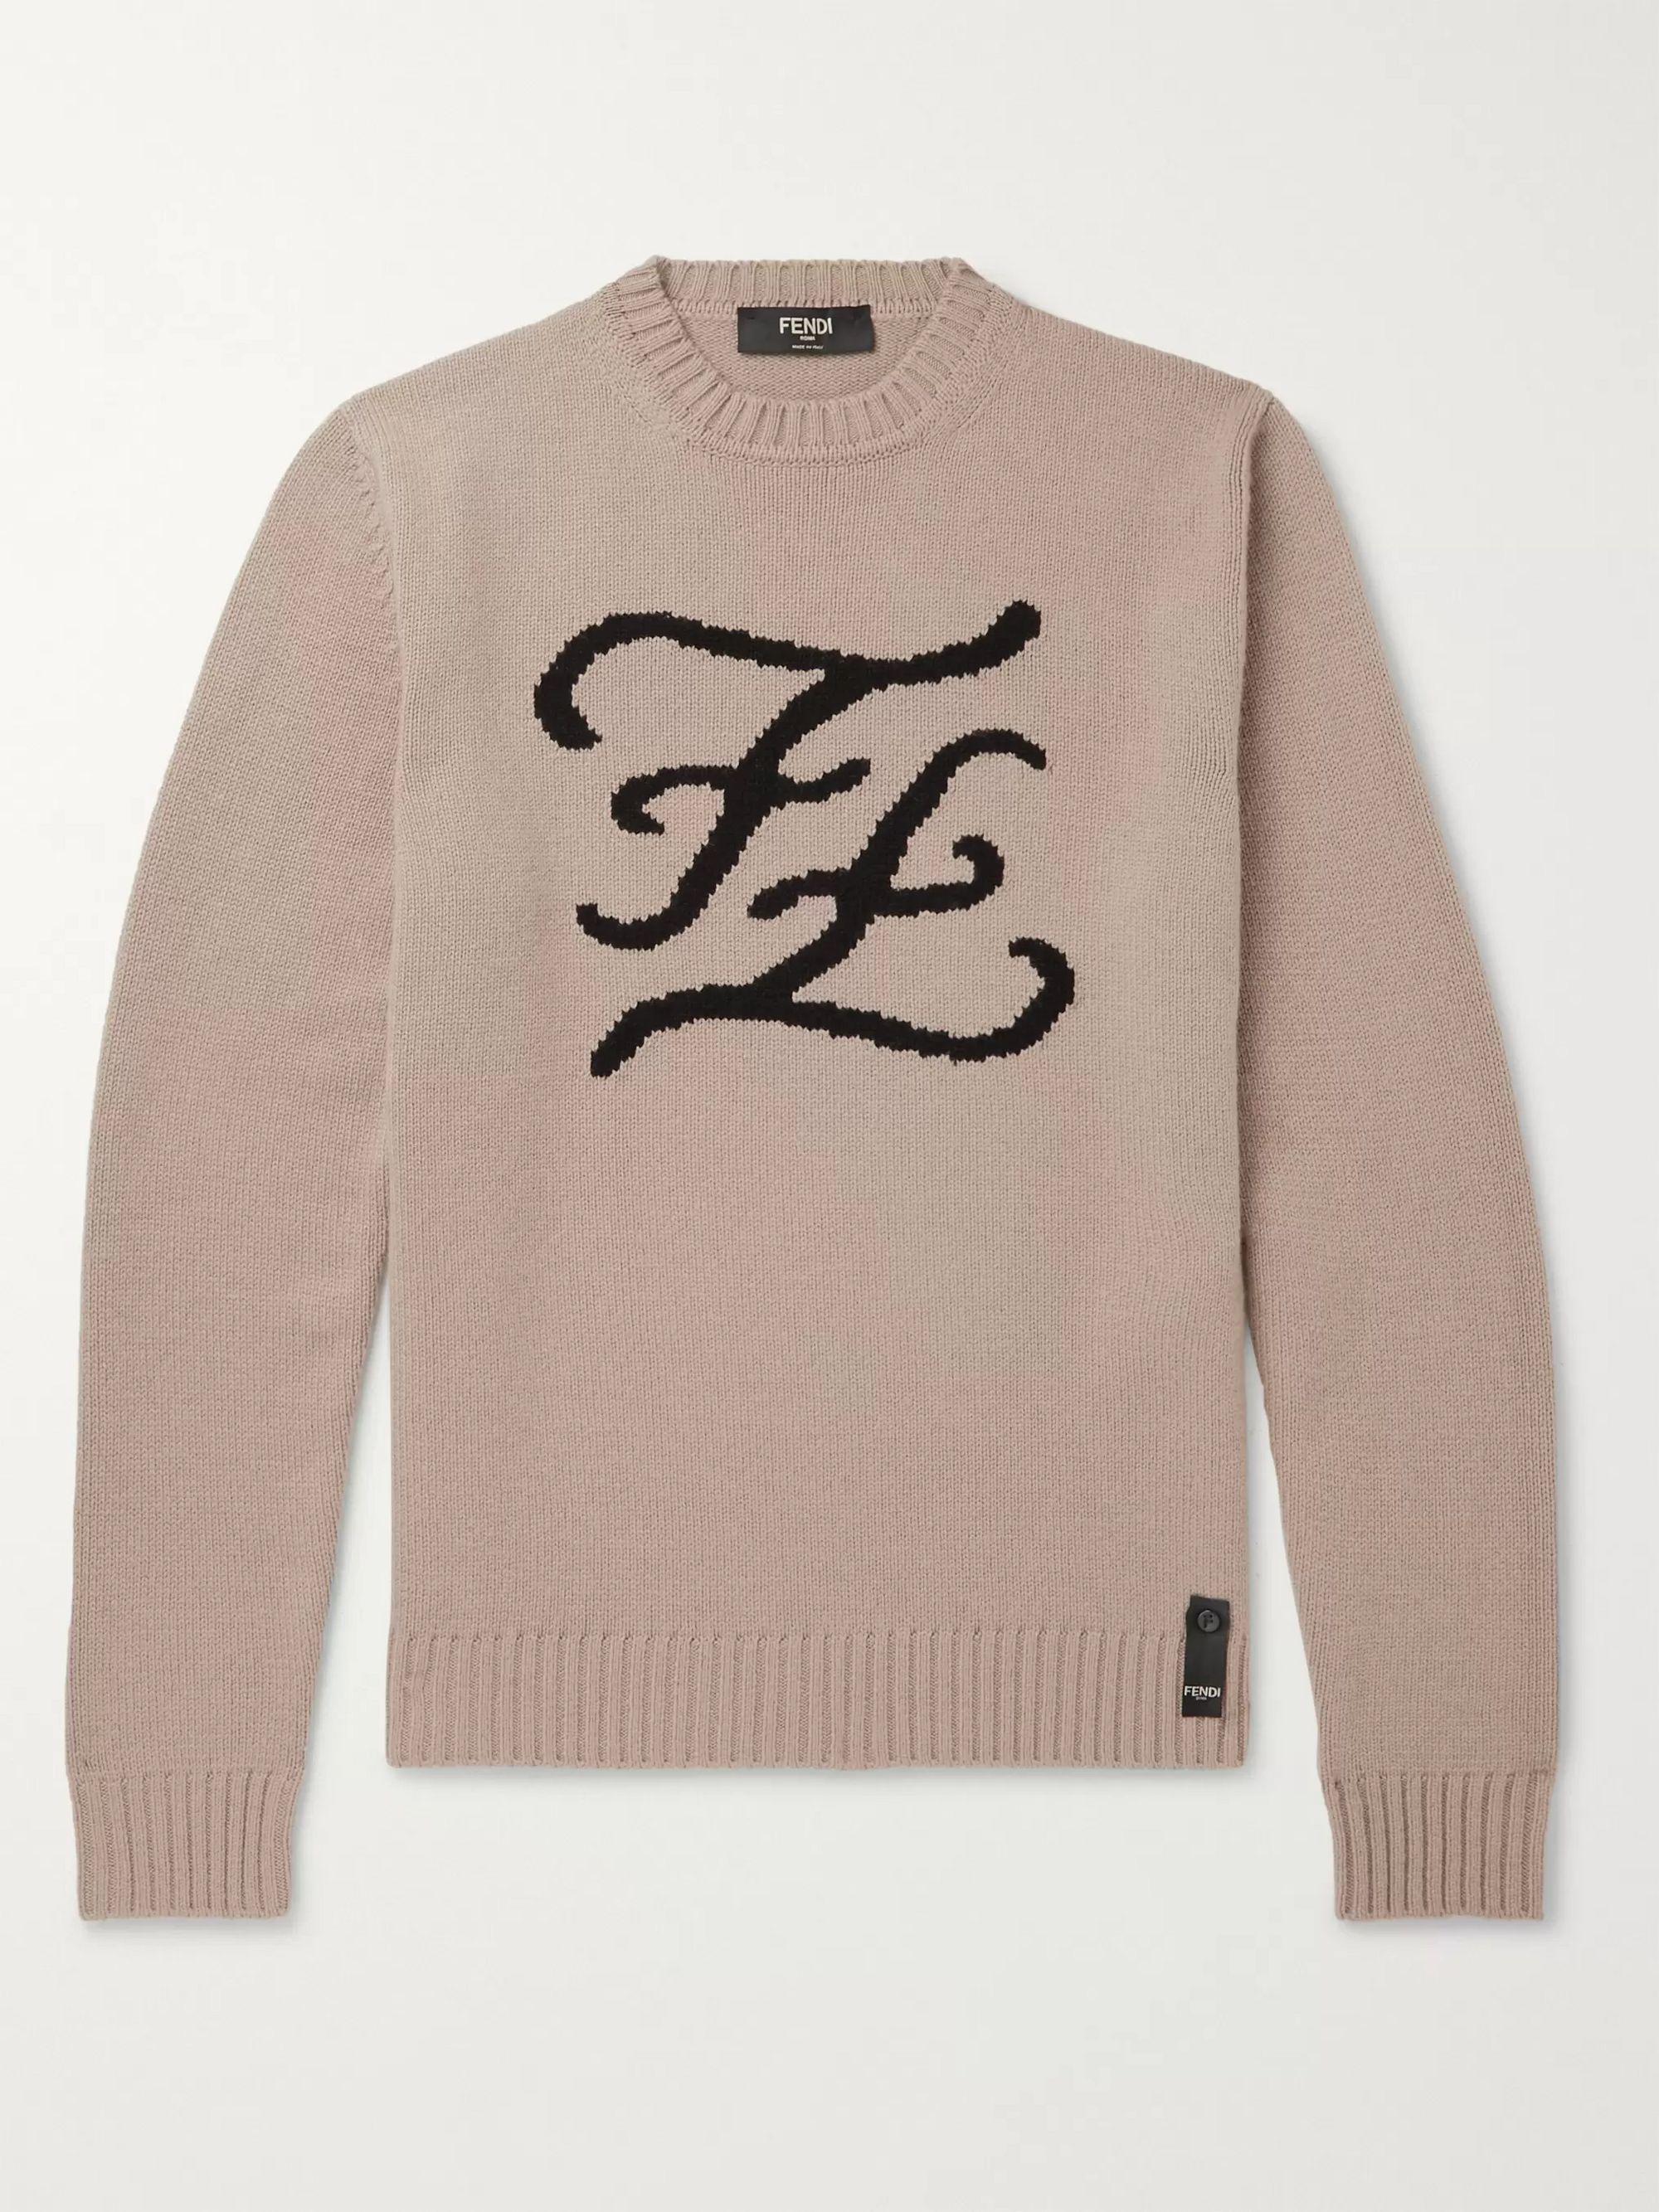 펜디 Fendi Beige Logo-Intarsia Cashmere Sweater,Beige